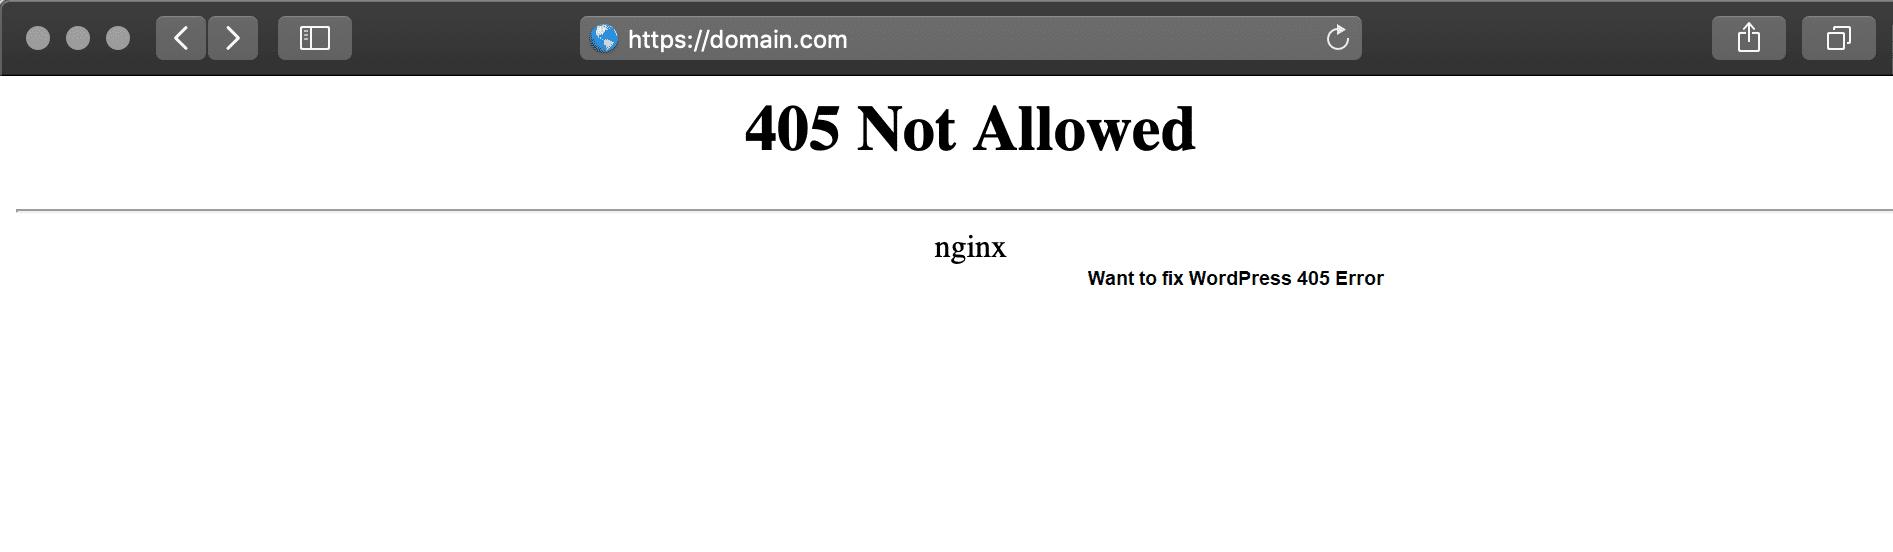 405 Not allowed error